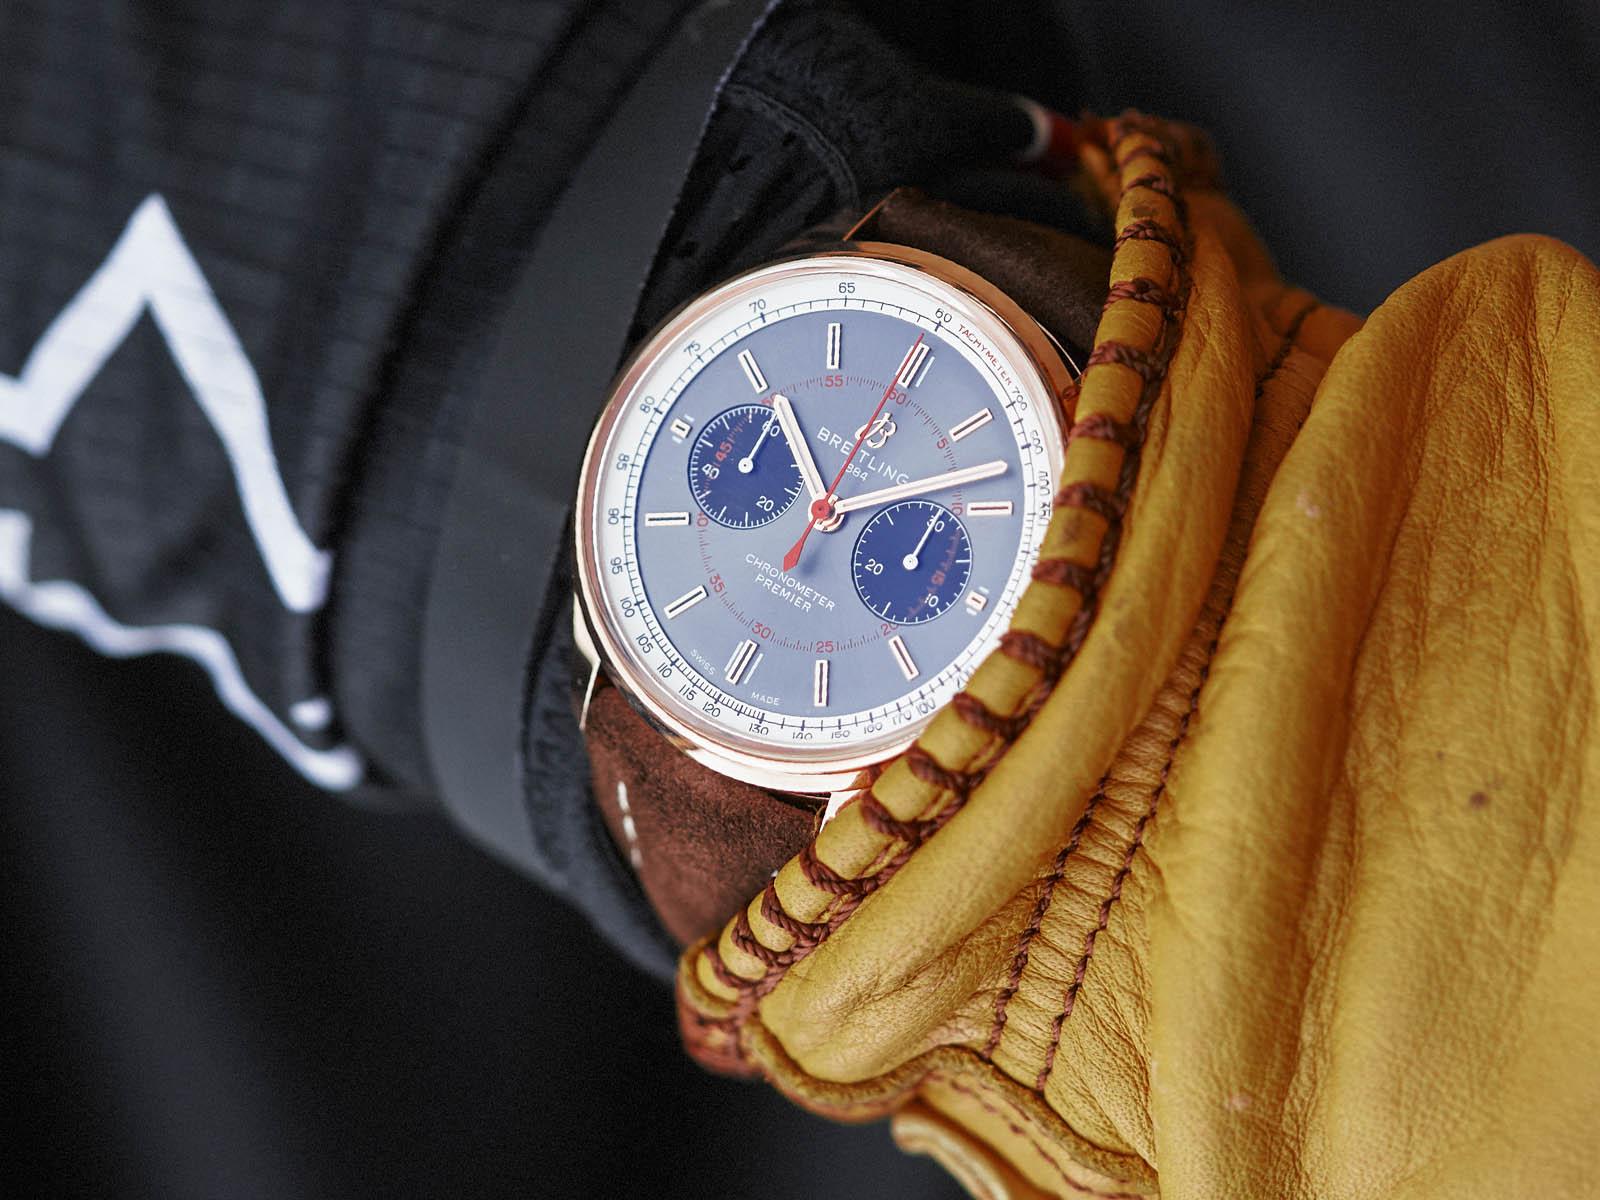 rb0118a31b1x1-breitling-premier-b01-chronograph-42-limited-edition-6.jpg